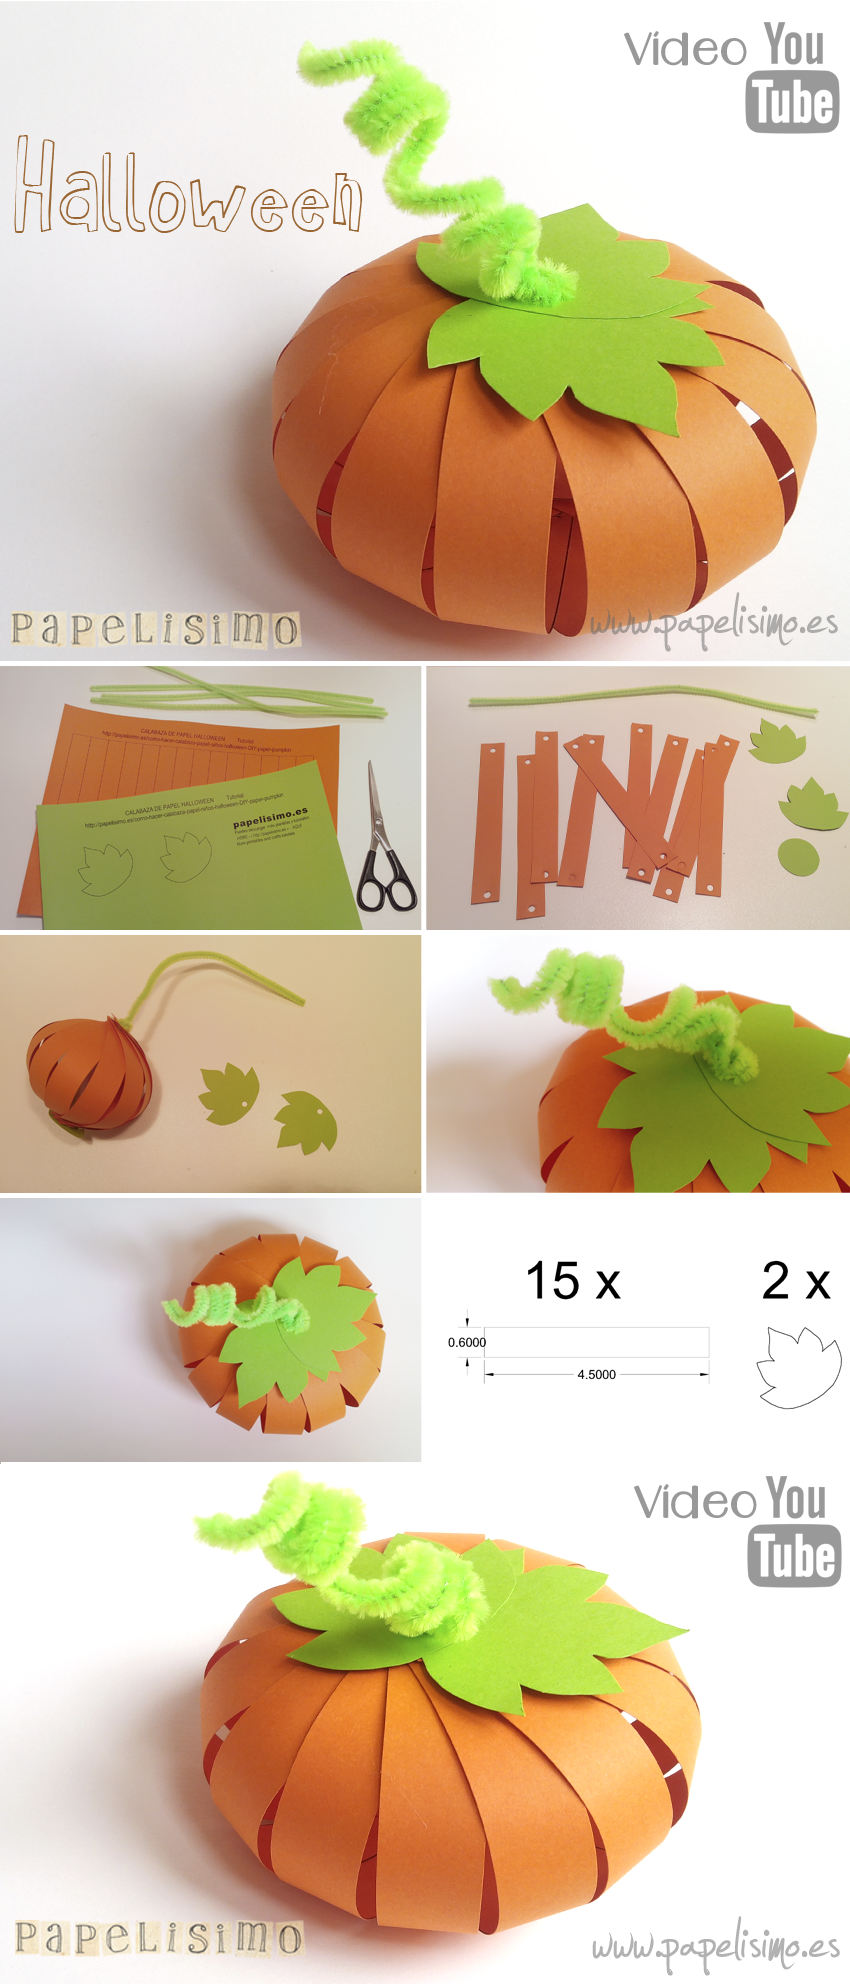 Calabaza de papel halloween papelisimo - Manualidades de ninos faciles ...